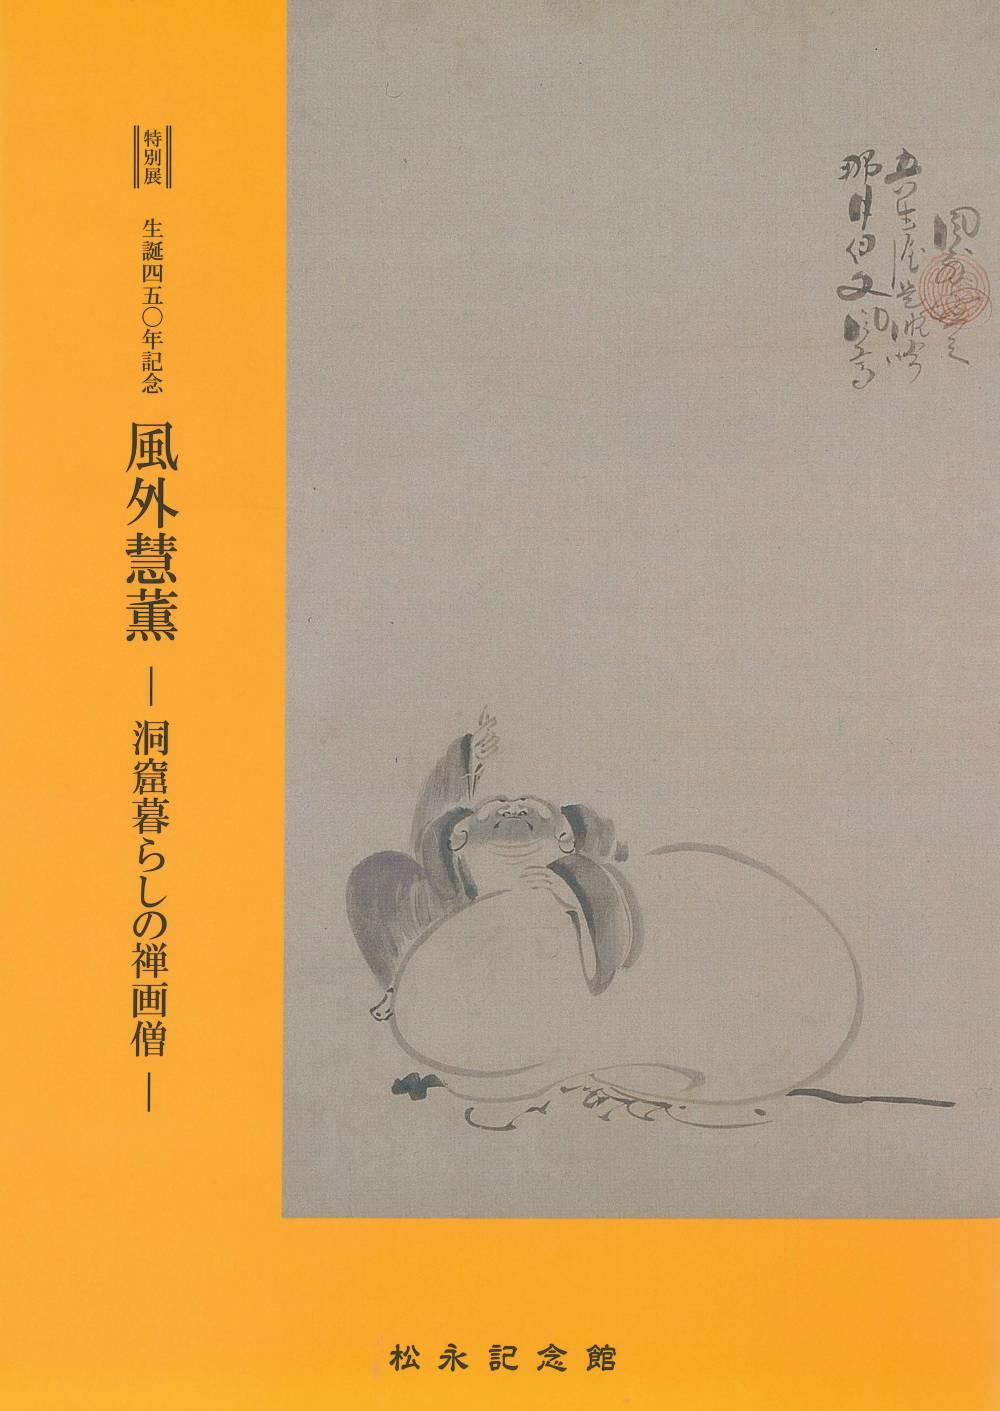 平成30年度特別展図録「生誕450年記念 風外慧薫 -洞窟暮らしの禅画僧ー